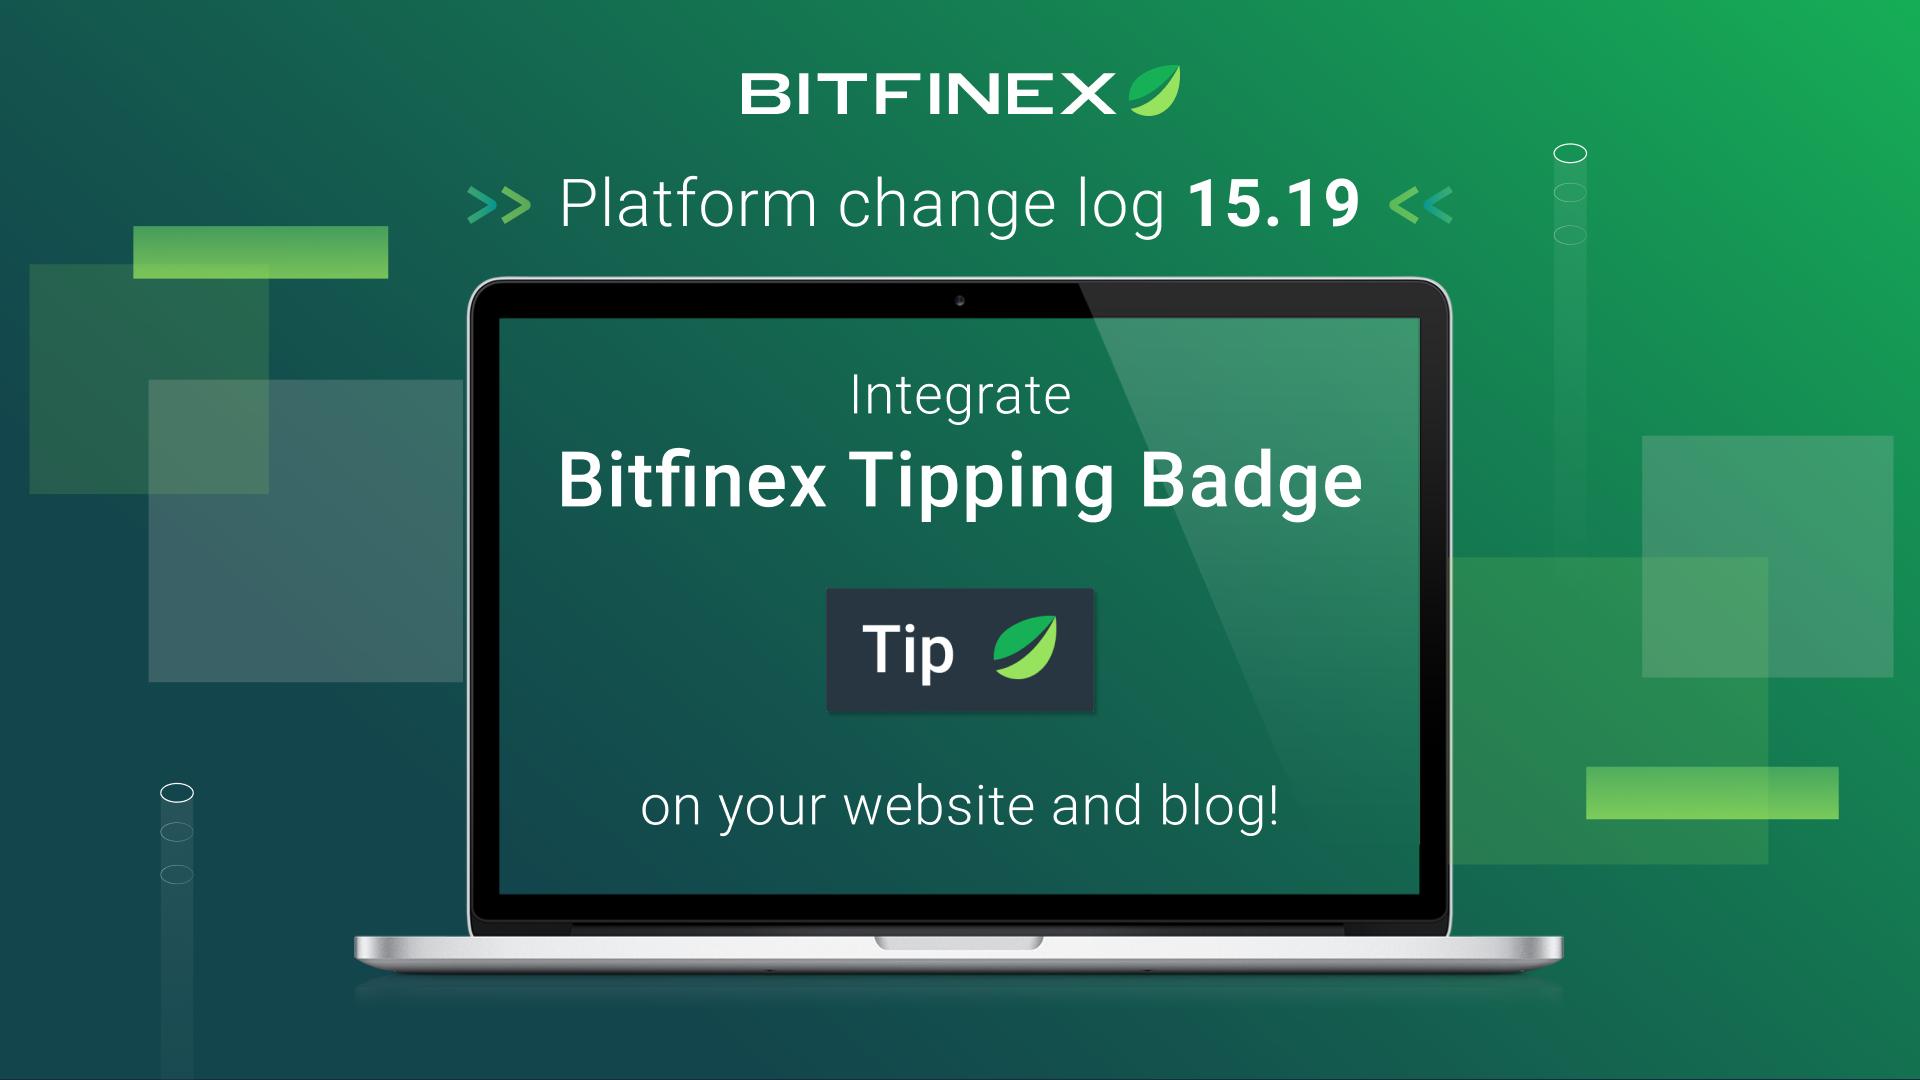 Change Log: Version 15.19